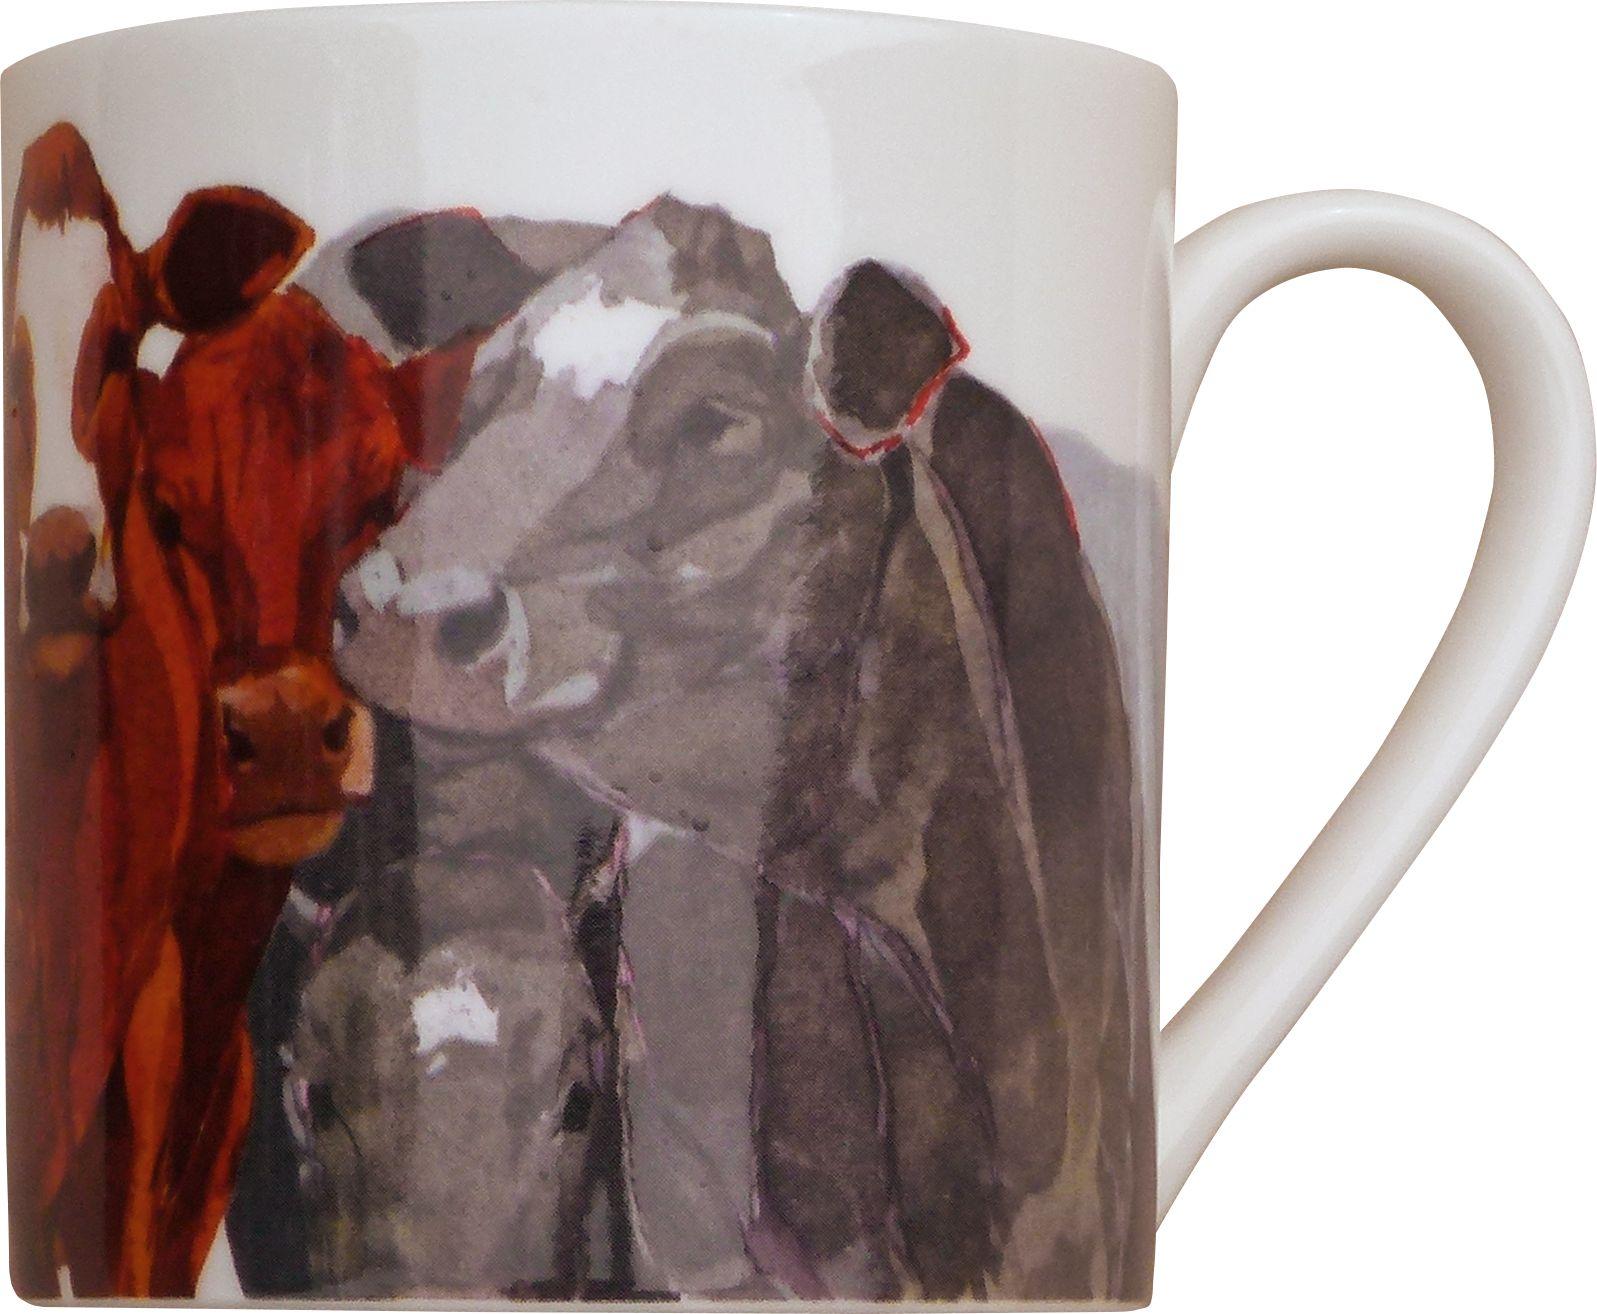 Beefy Pint Mug image